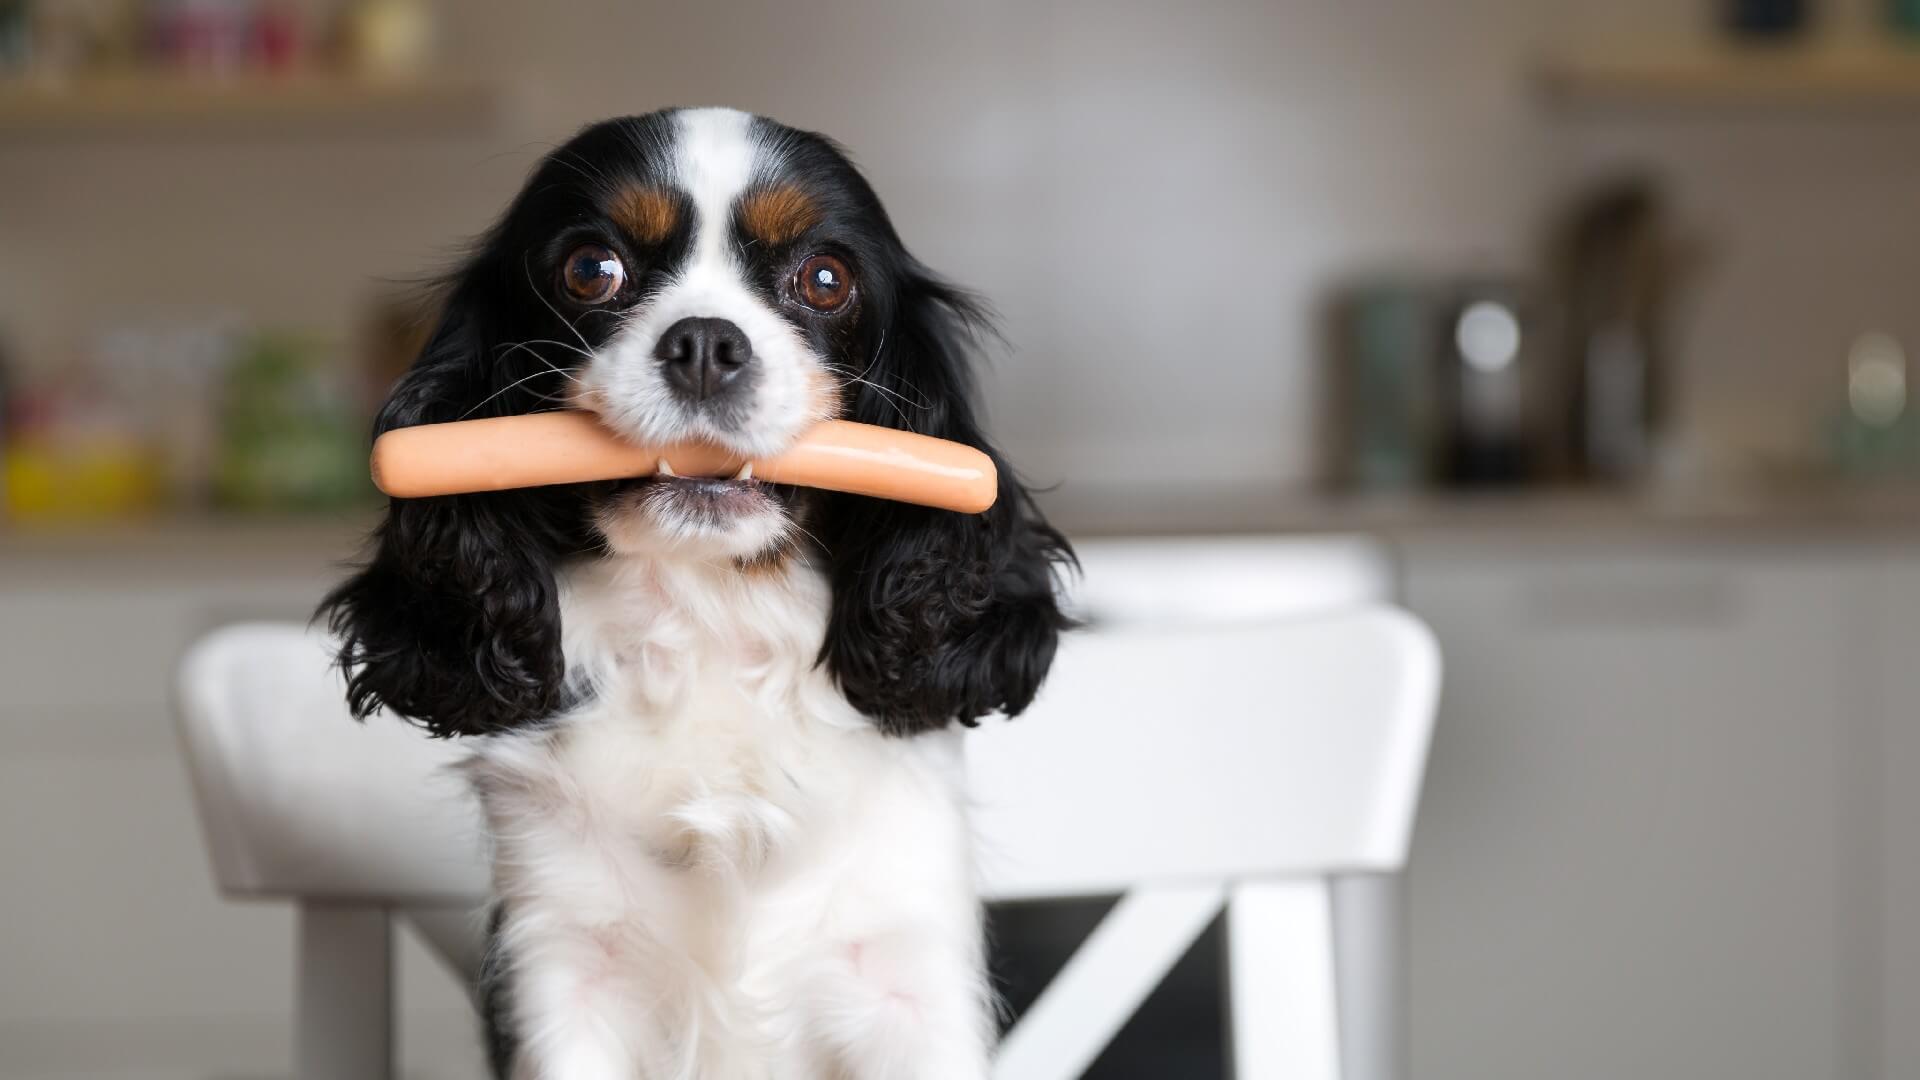 כלב אוכל נקניקייה עם פרוביוטיקה לכלבים